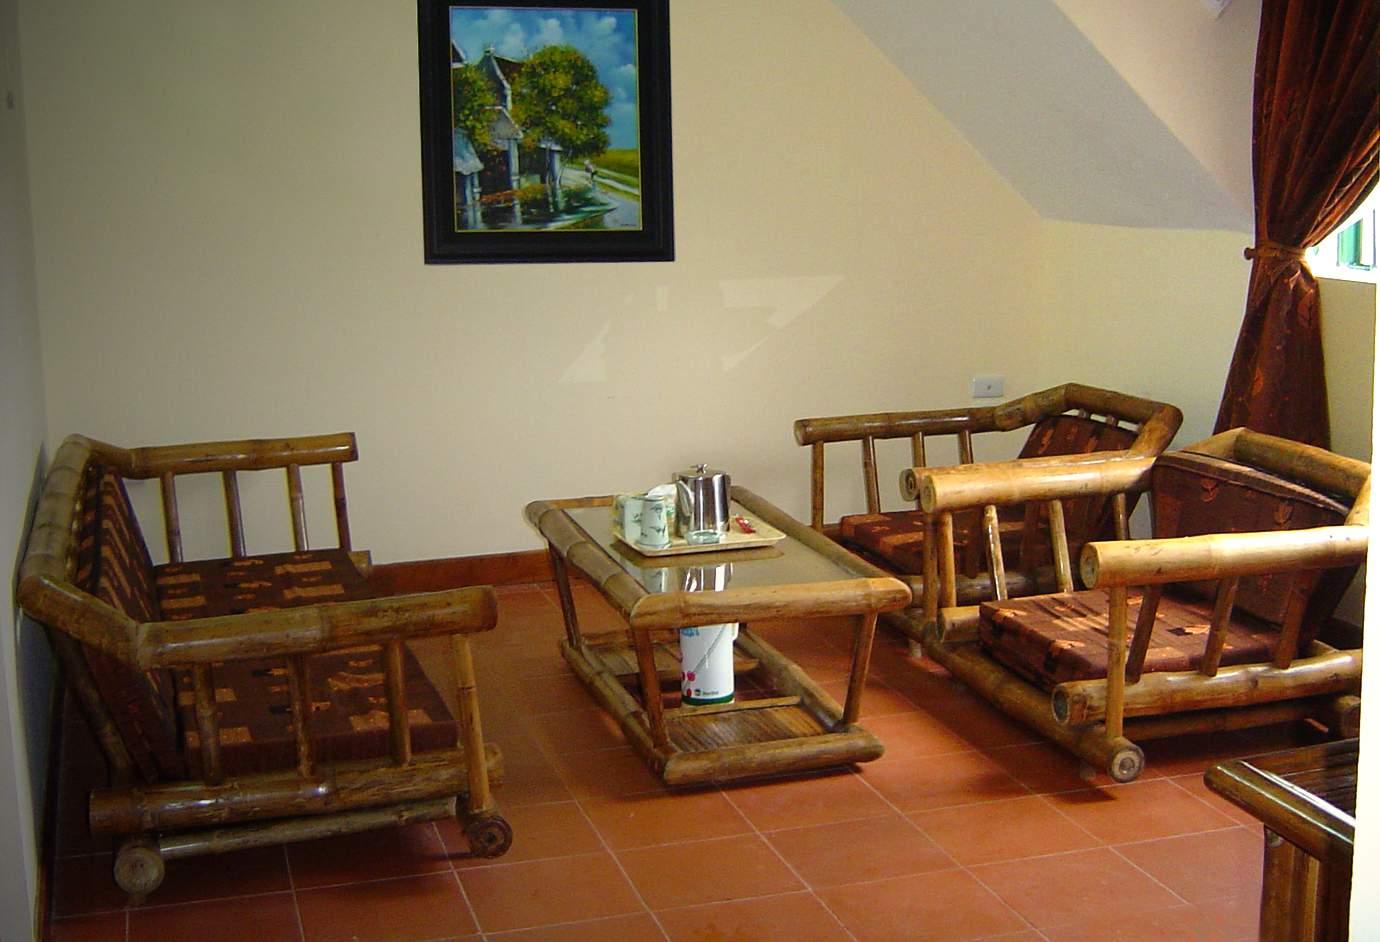 Bộ Salon tre trúc phòng khách cổ điển